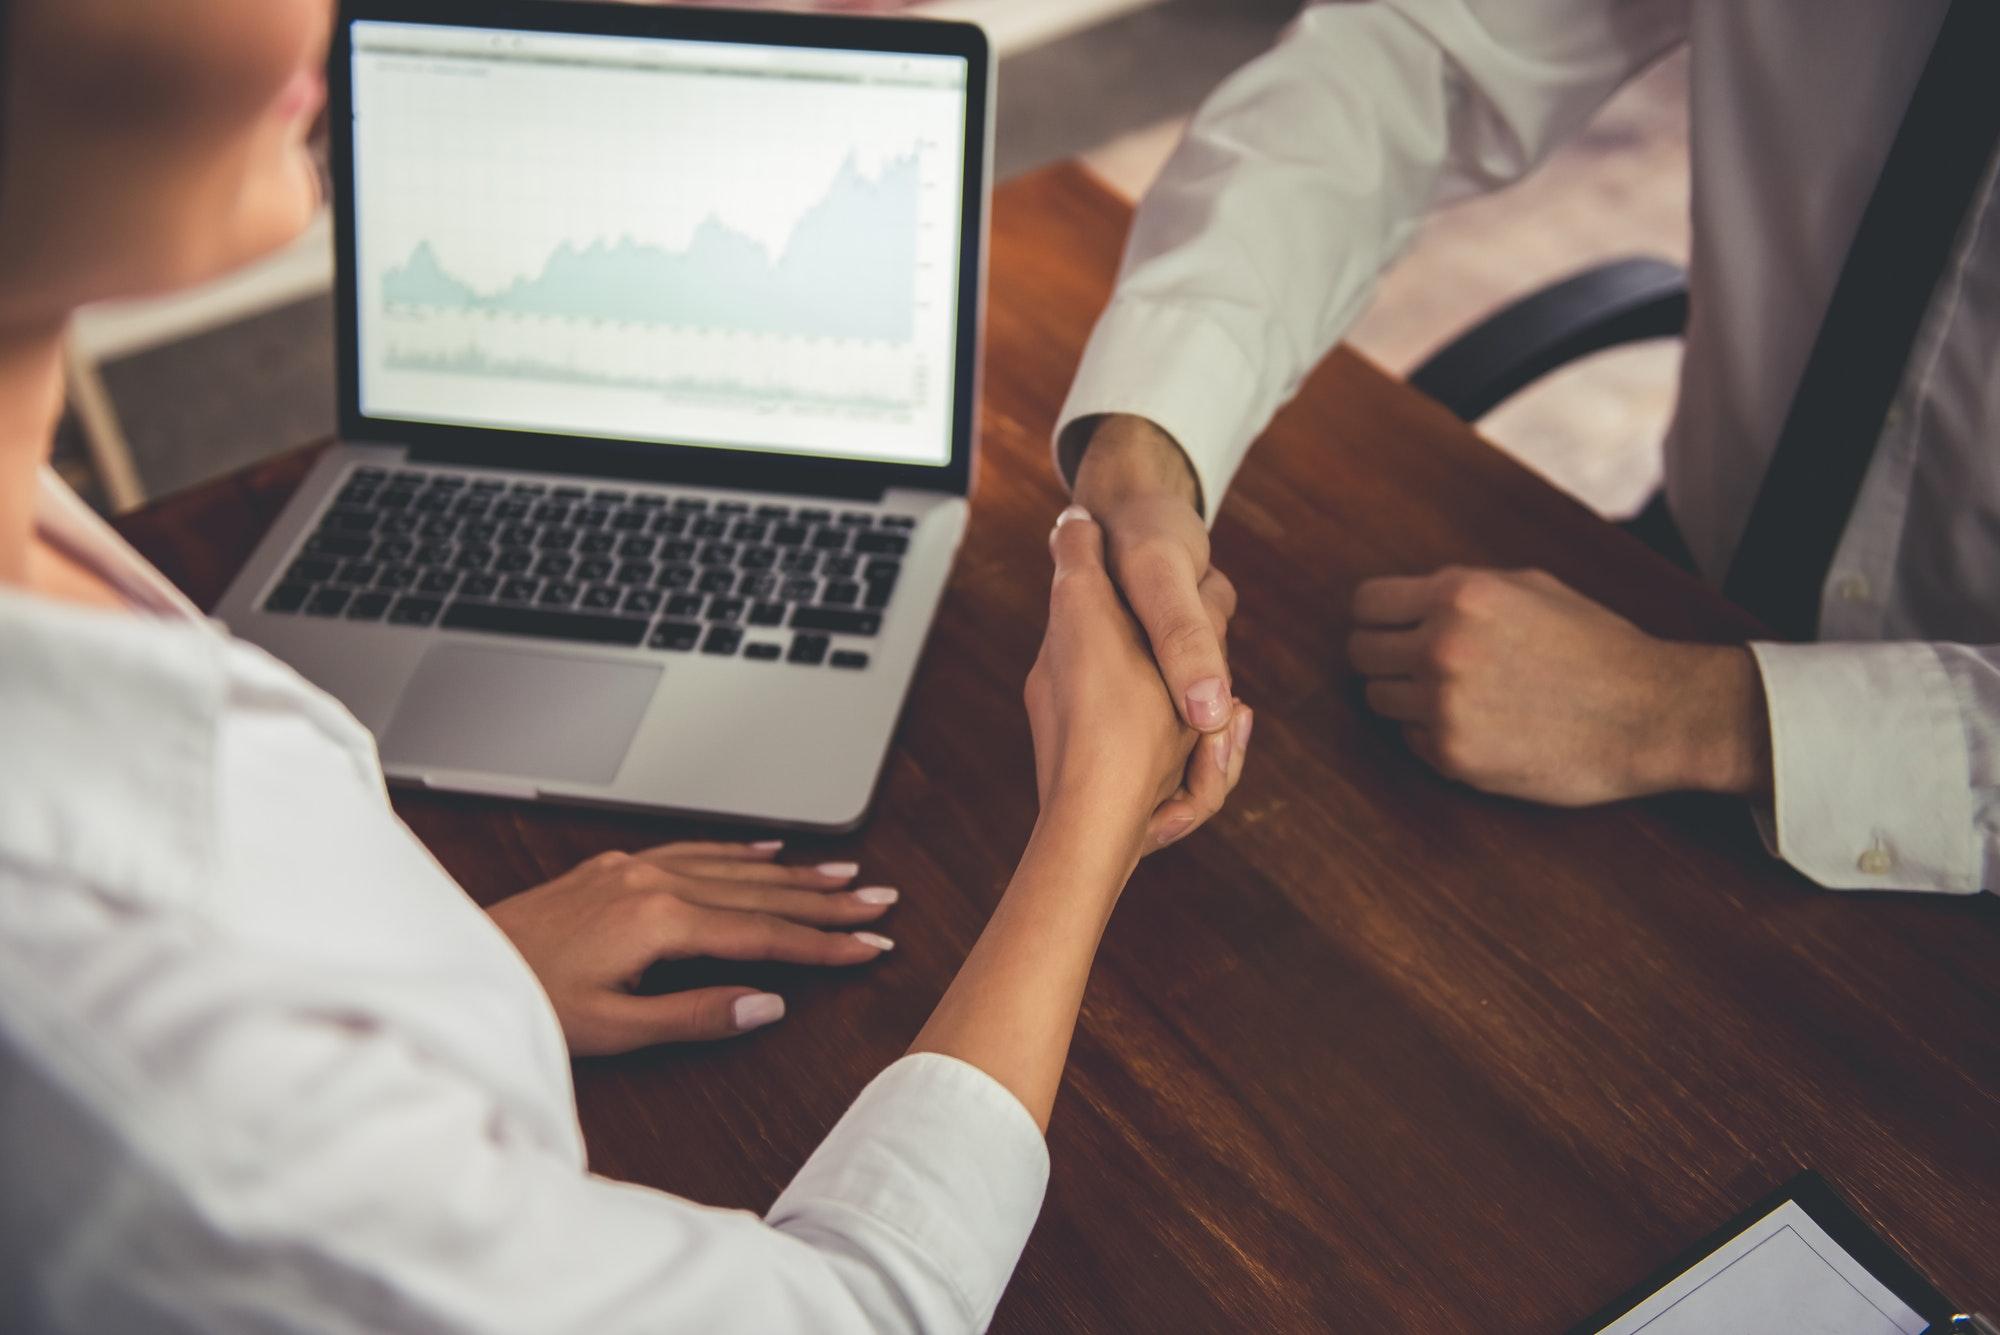 entreprises-avocat-droit-travail-relation-individuelle-agn-avocats.jpg